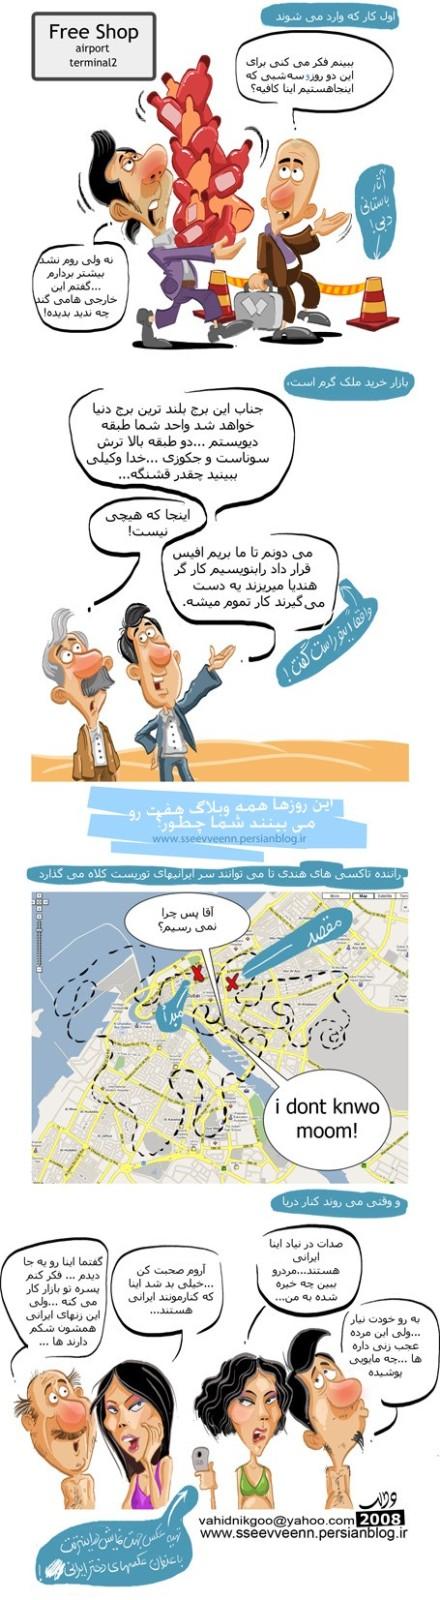 عکس طنز:ایرانی ها در دبی چه می کنند؟